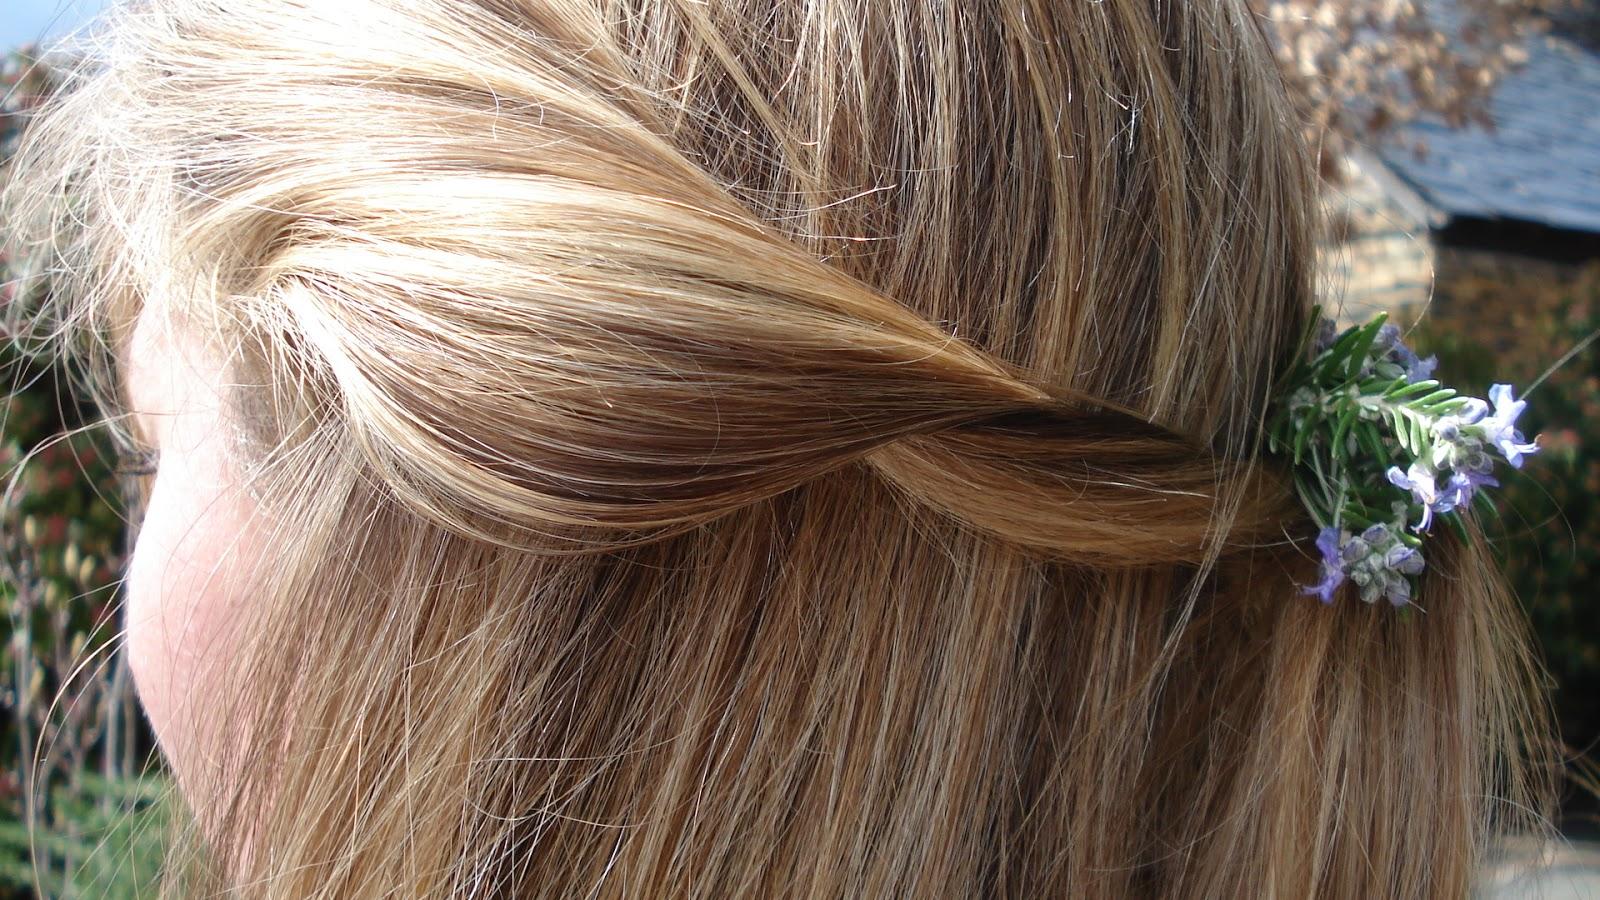 Los cabellos después del aceite de oliva las revocaciones